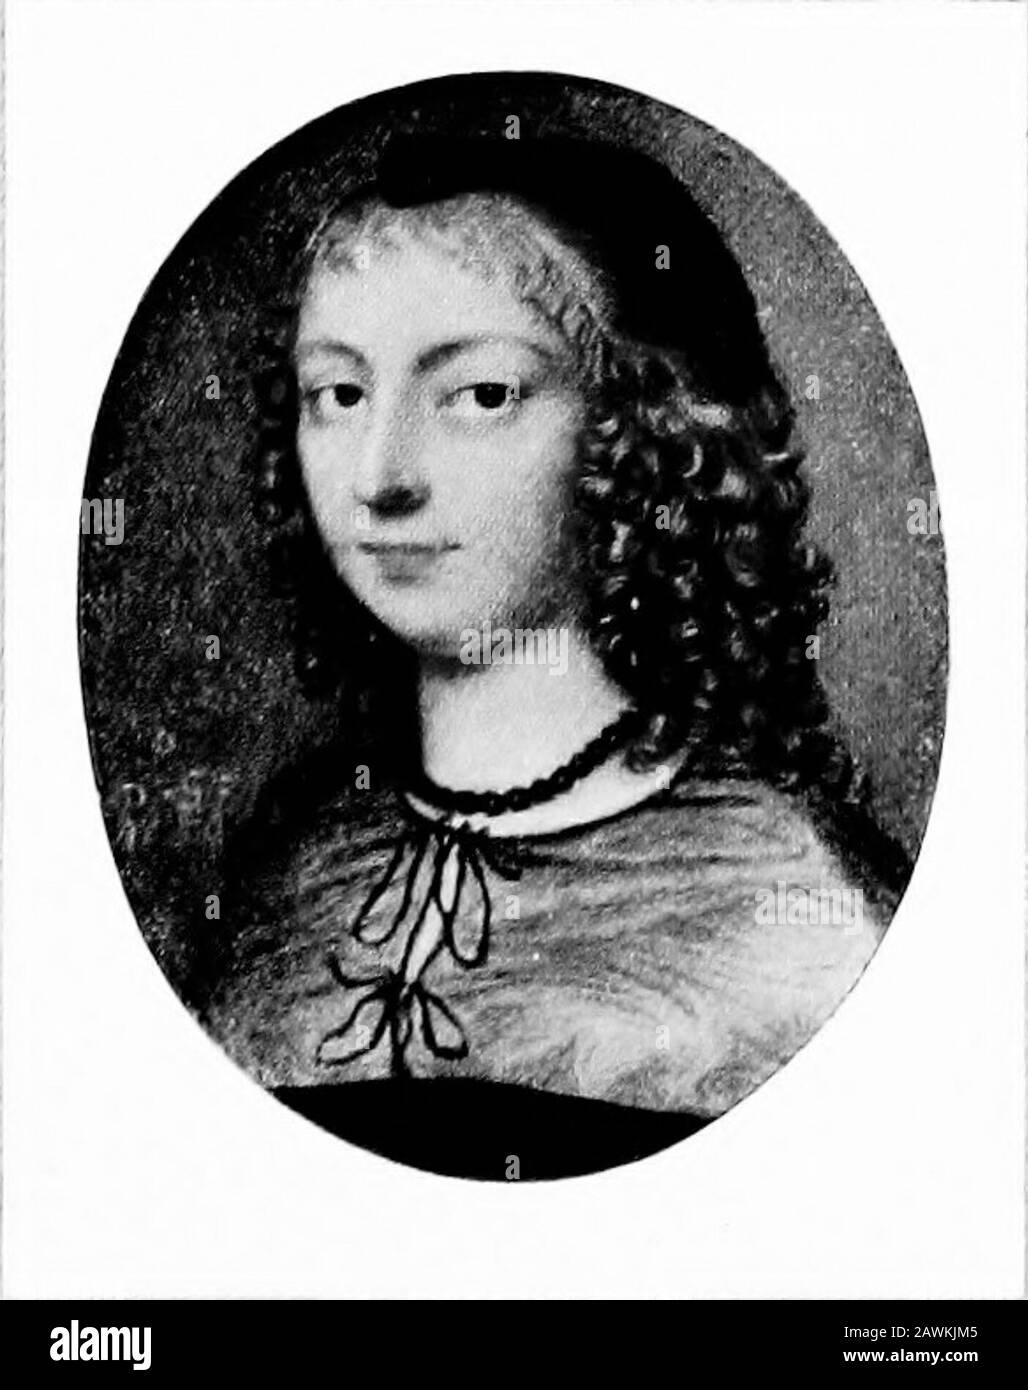 Miniatures de portrait; . MLLE CHRISTIAN TEMPLEBY OU APRÈS SAMUEL COOPER DE LA COLLECTION DE LA RT. HON. SIR CHARLES DILKE, BART., M.P,. RACHEL FANE, COMTESSE DE BATH ET PLUS TARD DE MIDDLESEX (161 2-1680) PAR DAVID DES GRANGES DE LA COLLECTION DE M. E. M. HODGKIN3 Banque D'Images